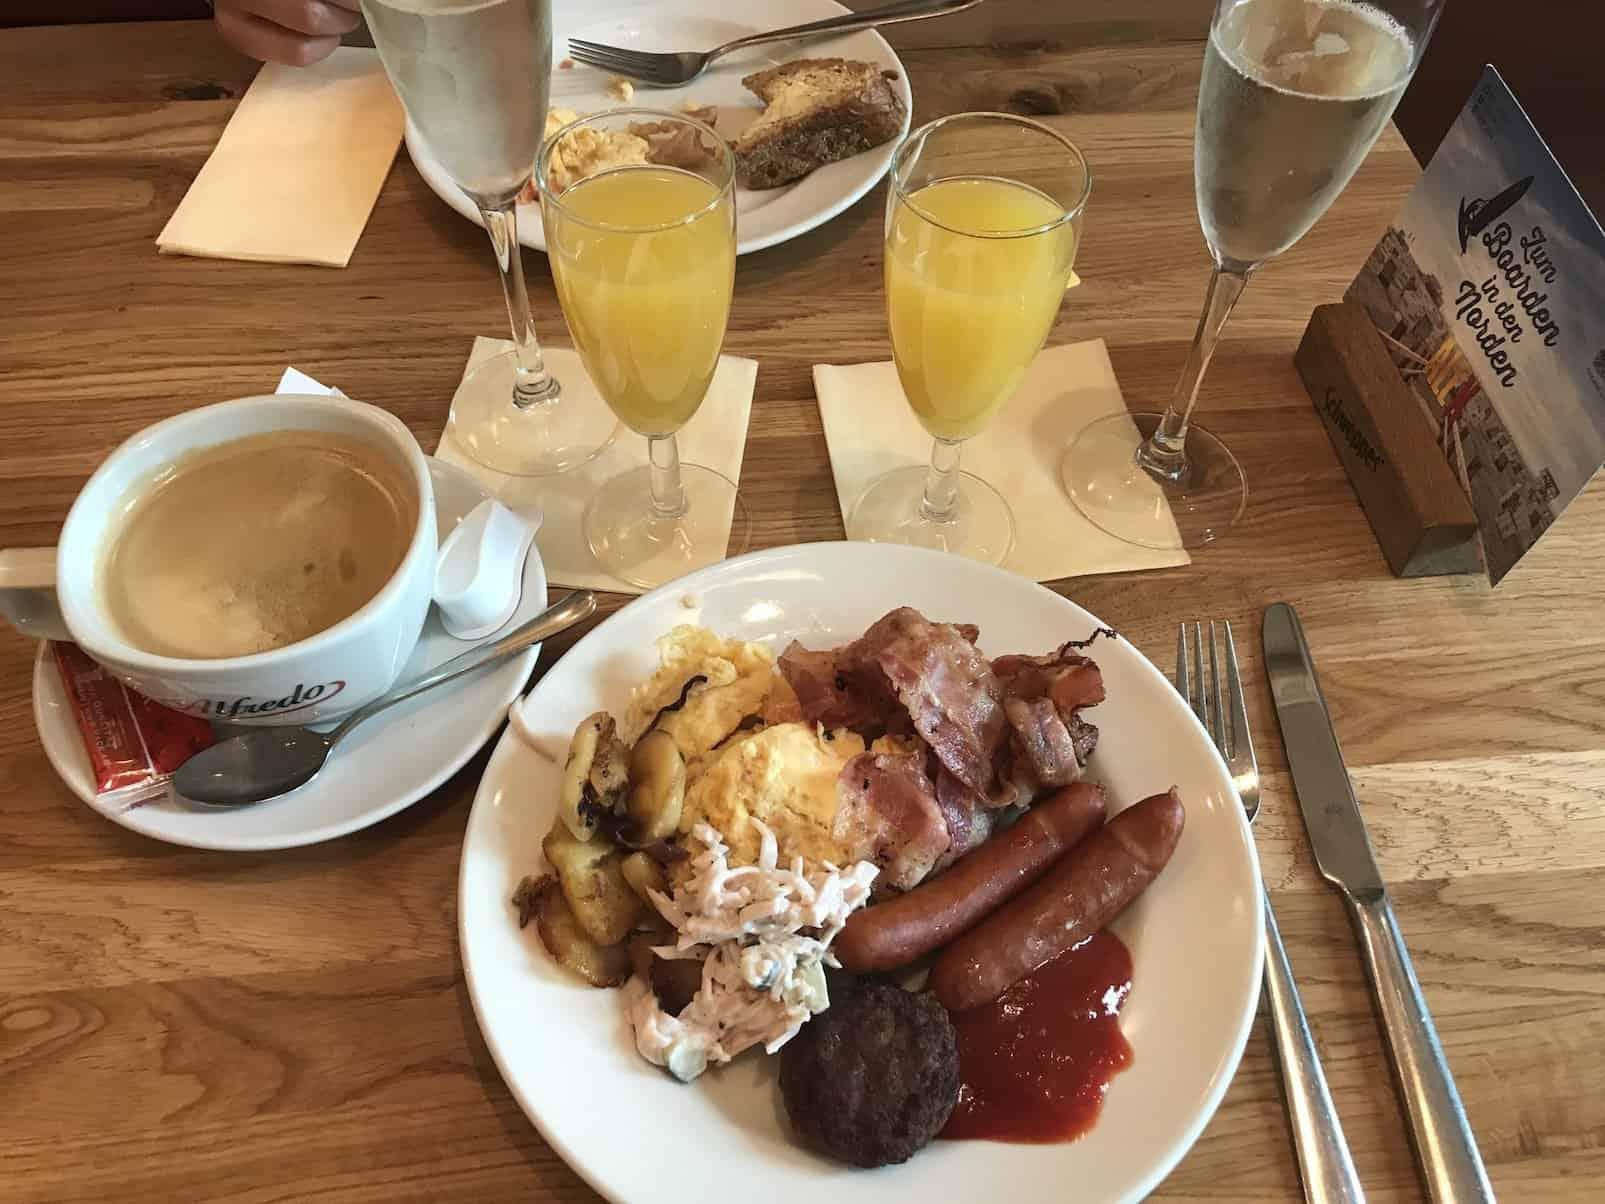 Mein erster Frühstücksteller mit Ei, Bratkartoffeln, Speck, Würstchen, Frikadelle - und Wurstsalat vom Frühstücksbuffet im Alex am Potsdamer Platz